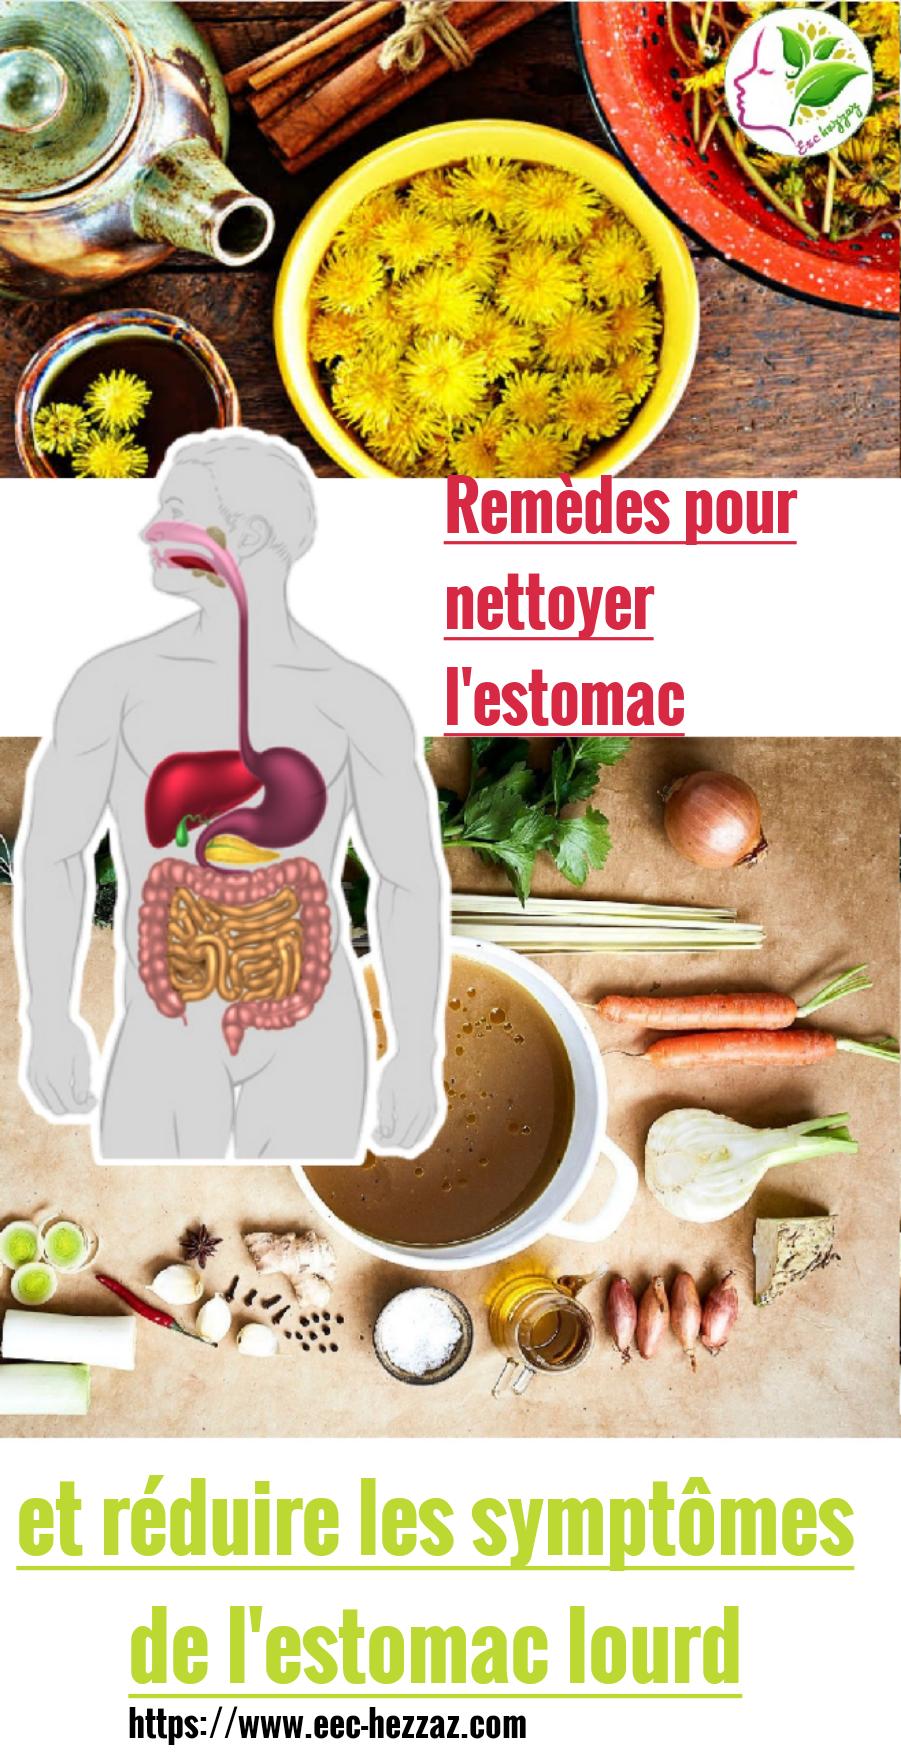 Remèdes pour nettoyer l'estomac et réduire les symptômes de l'estomac lourd